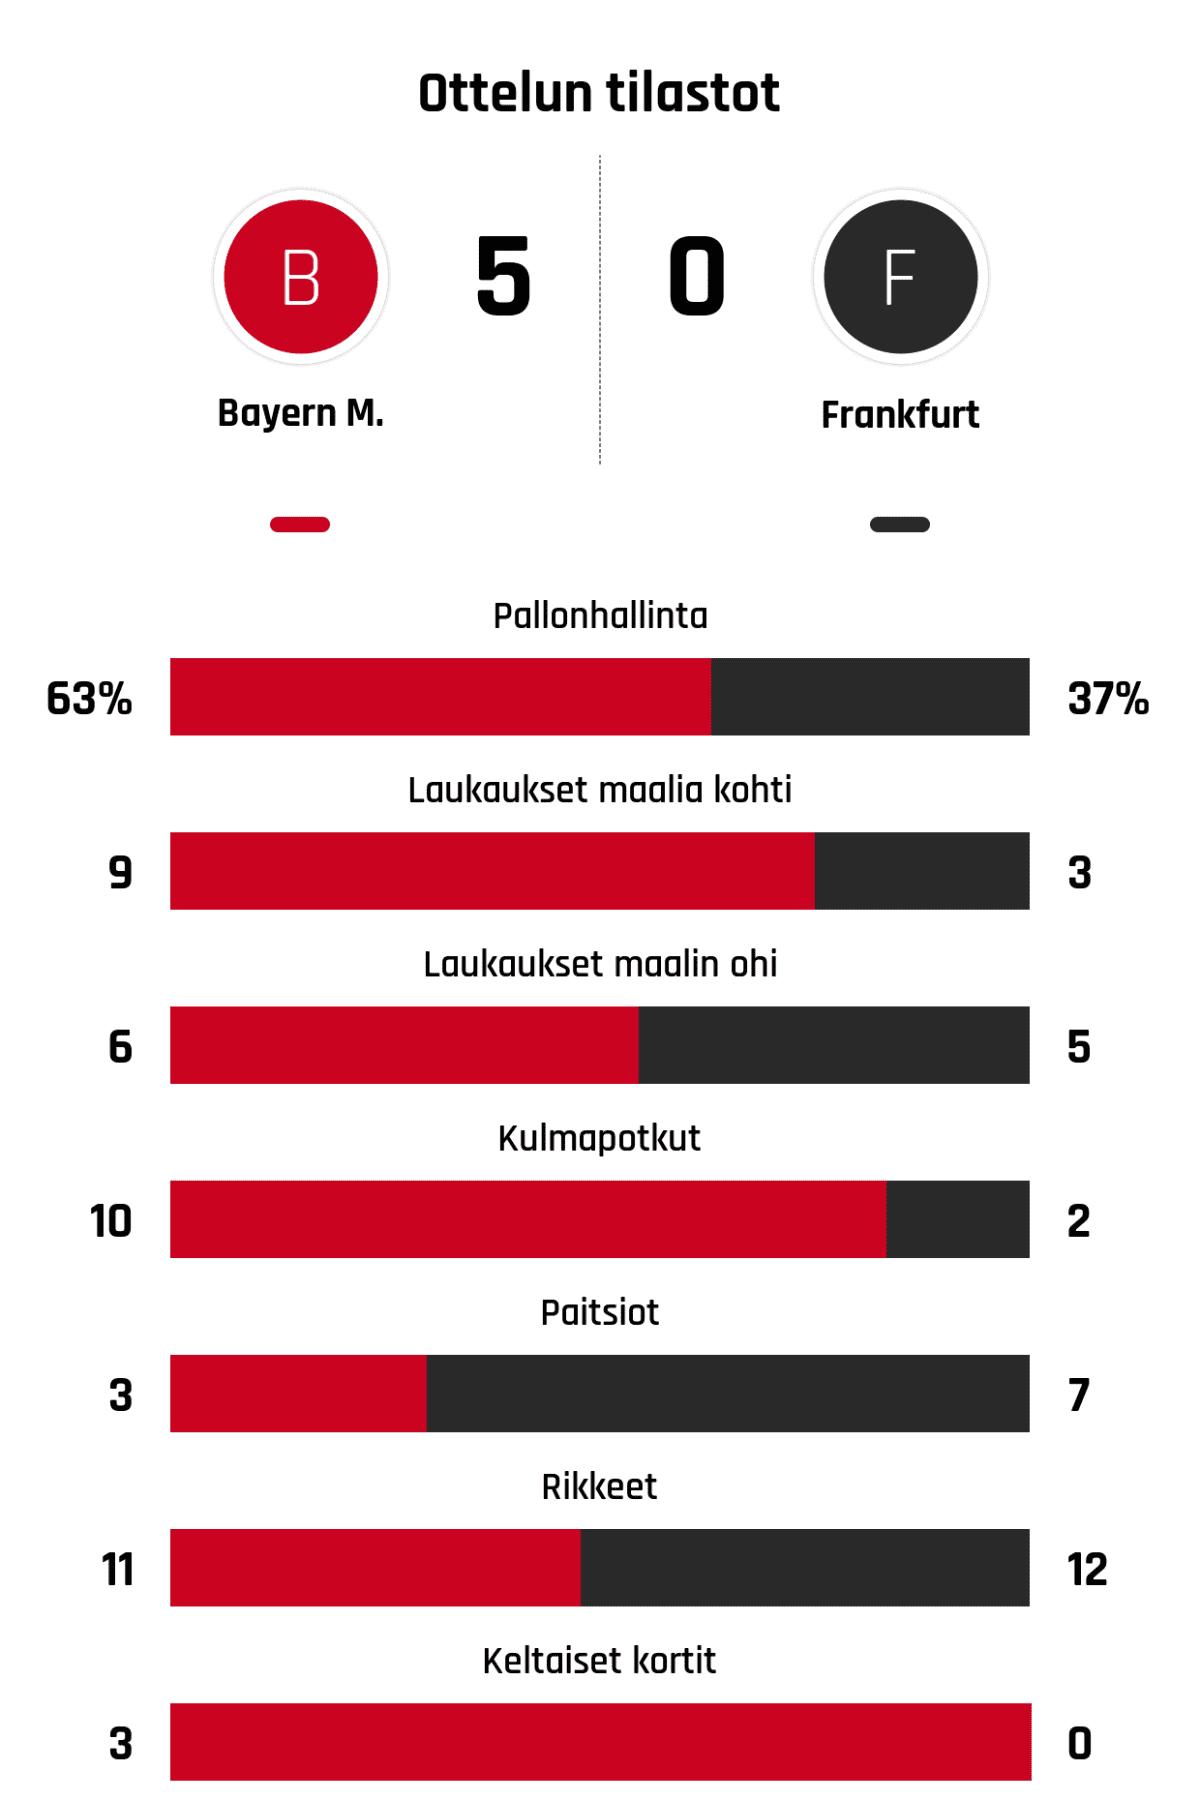 Pallonhallinta 63%-37% Laukaukset maalia kohti 9-3 Laukaukset maalin ohi 6-5 Kulmapotkut 10-2 Paitsiot 3-7 Rikkeet 11-12 Keltaiset kortit 3-0